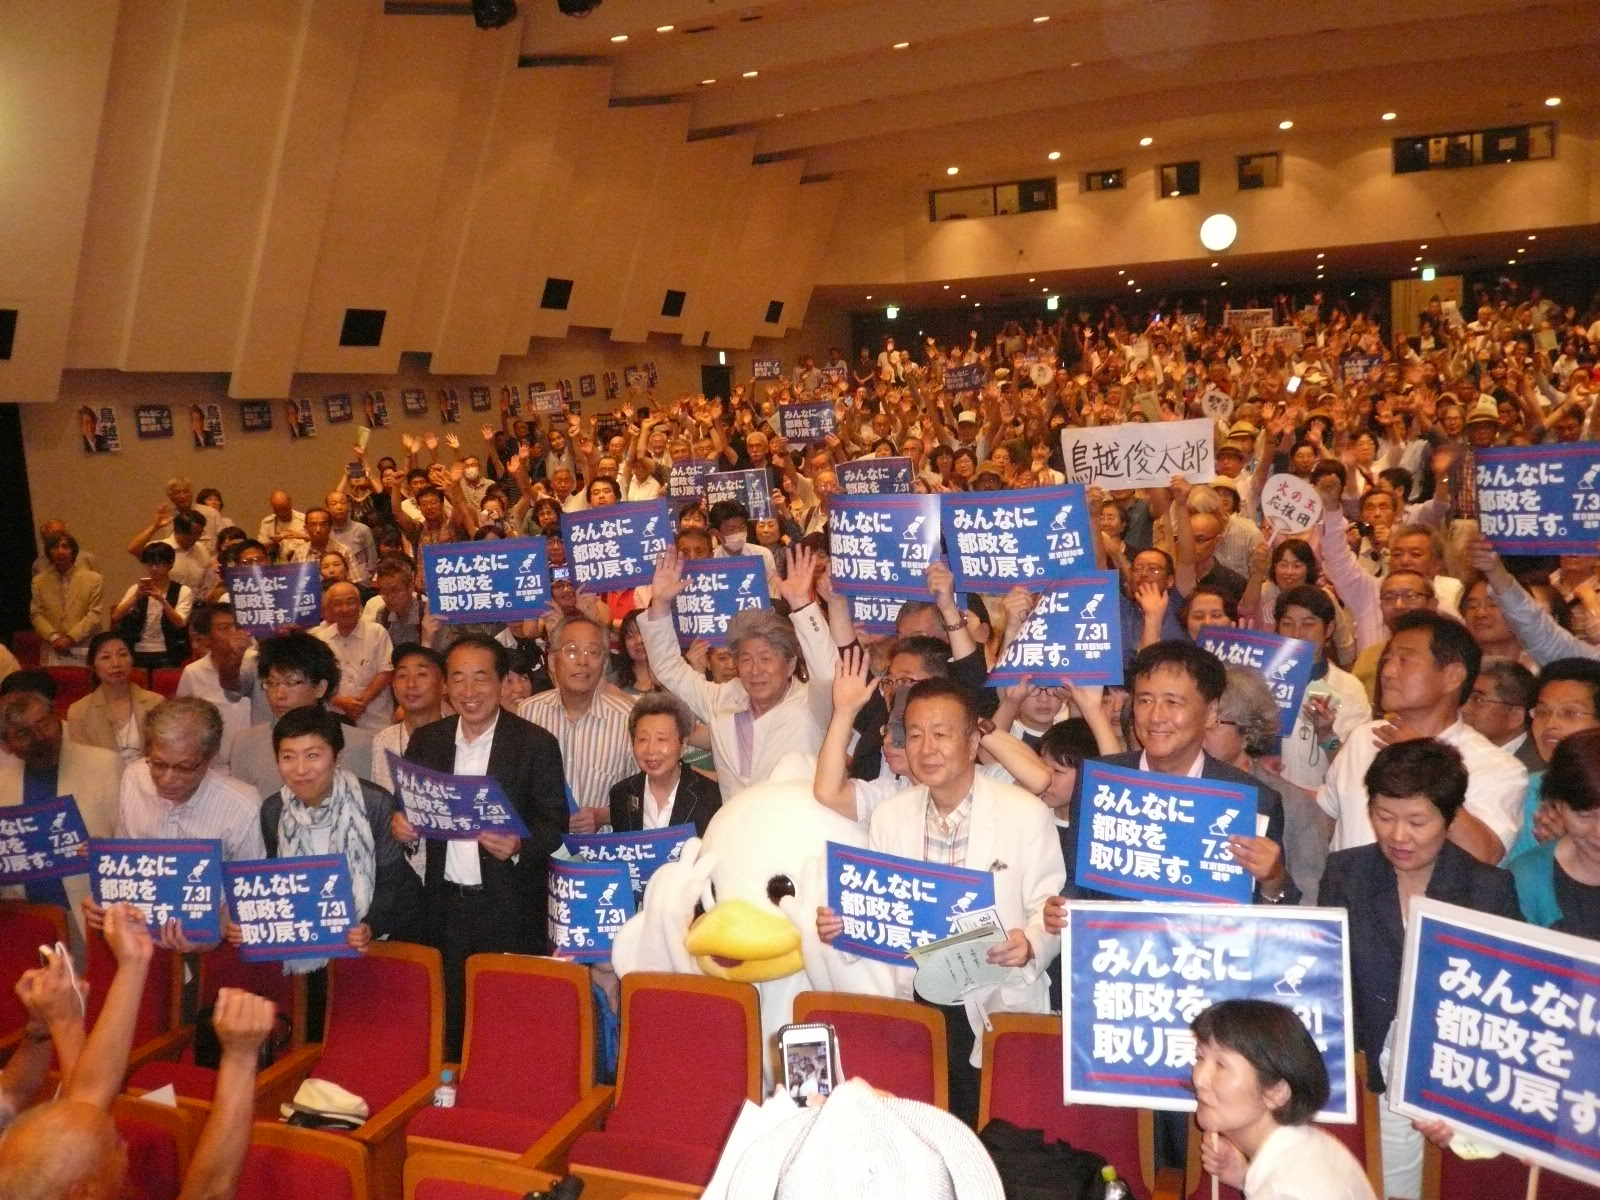 ▲鳥越俊太郎を応援する市民センター発足集会・演説会には、鳥越さんを推薦、応援する4政党と、東京・生活者ネットワークを始めとする3つの政治団体の代表が檀上に並び、応援のメッセージを述べた。応援に集まった聴衆と勝利を誓い合う鳥越俊太郎候補。7月18日、神保町の日本教育会館ホール